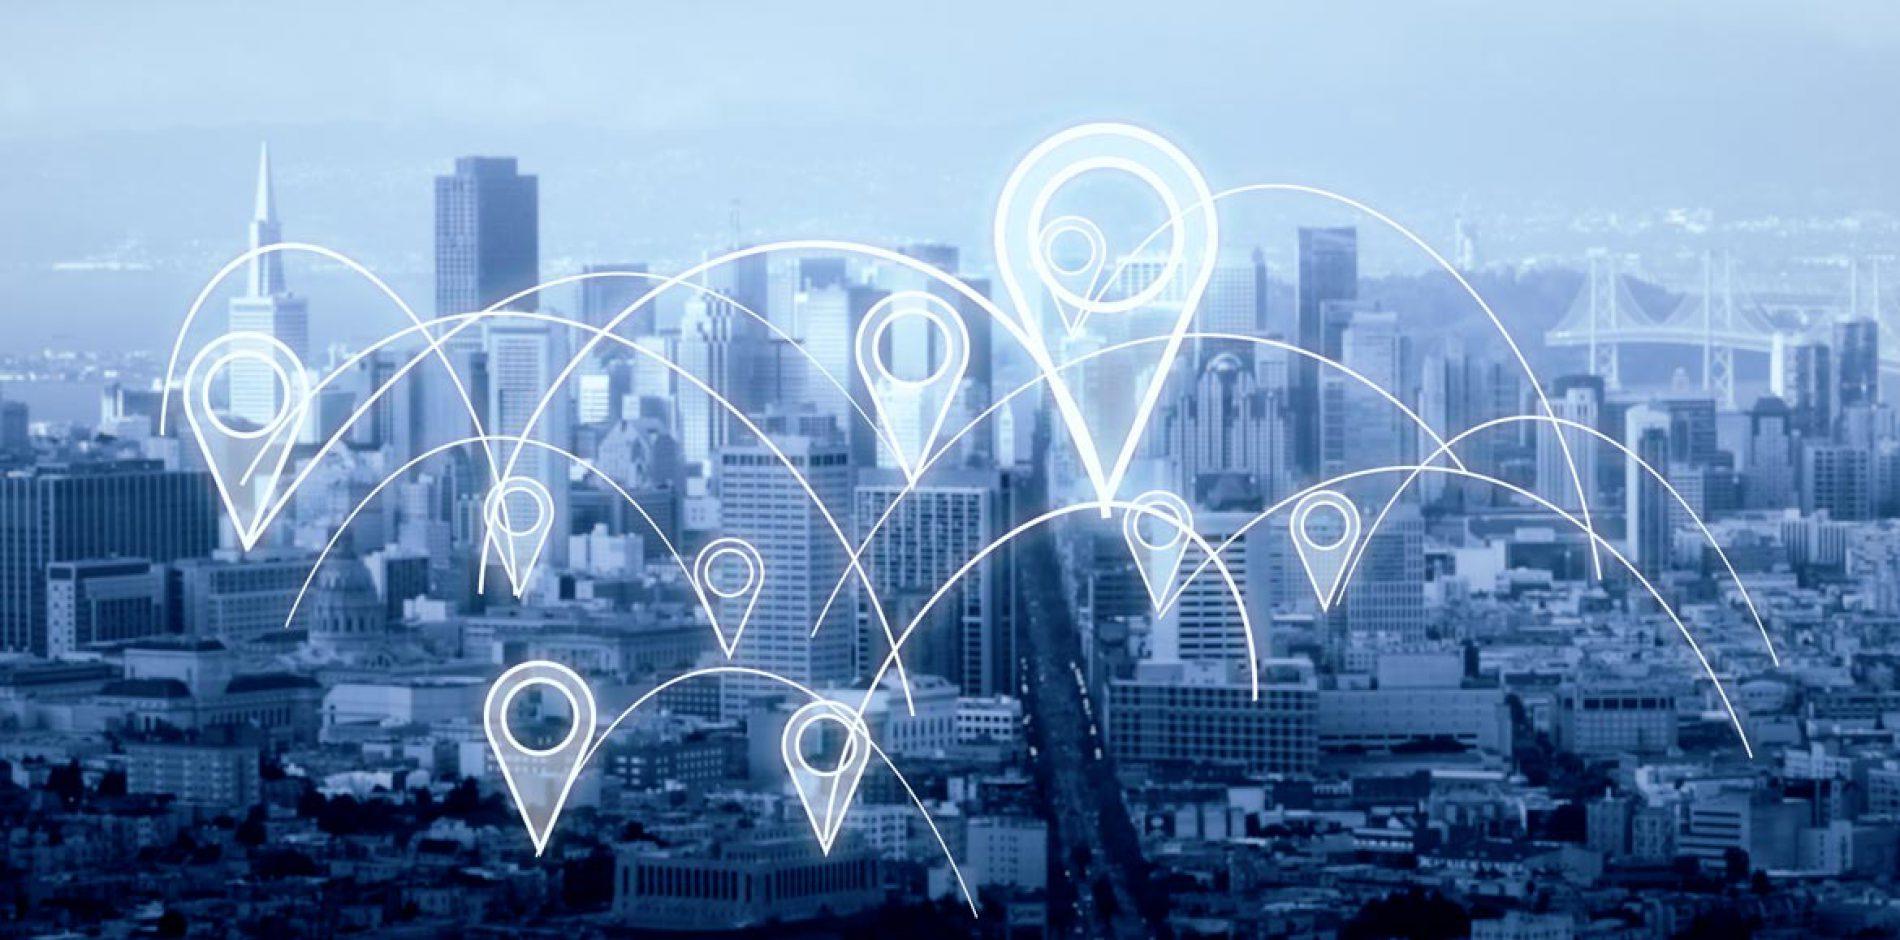 Garante privacy: trattamento di dati personali mediante geolocalizzazione dei dispositivi aziendali